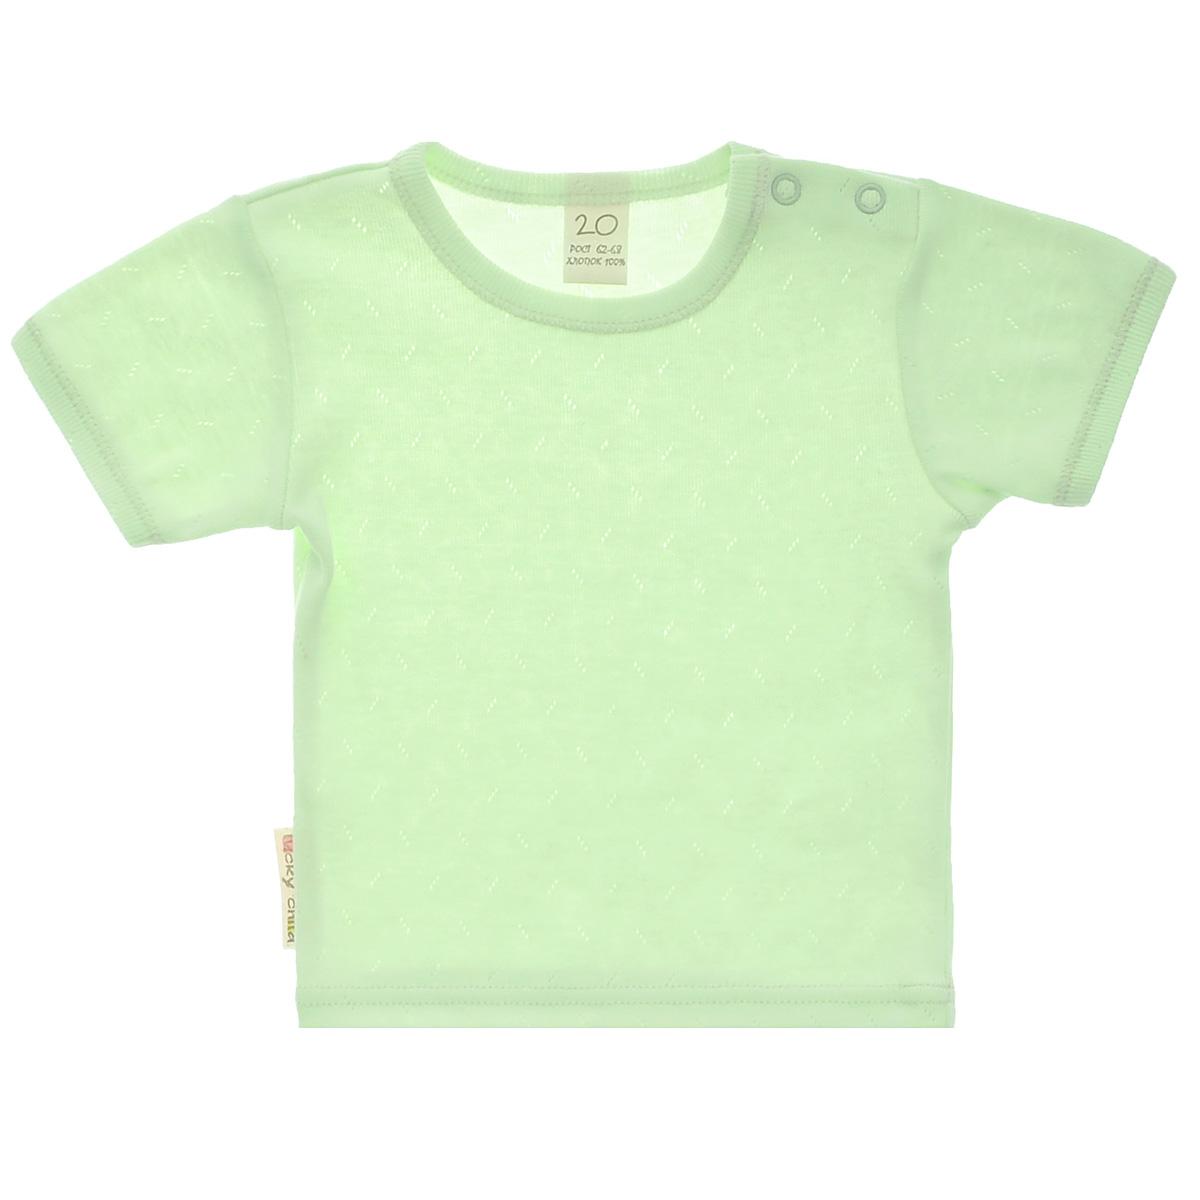 Футболка детская Lucky Child Ажур, цвет: зеленый. 0-26. Размер 86/920-26Футболка для новорожденного Lucky Child послужит идеальным дополнением к гардеробу вашего малыша, обеспечивая ему наибольший комфорт. Изготовленная из натурального хлопка, она необычайно мягкая и легкая, не раздражает нежную кожу ребенка и хорошо вентилируется, а эластичные швы приятны телу малыша и не препятствуют его движениям. Футболка с короткими рукавами, выполненная из ткани с ажурным узором, имеет кнопки по плечу, которые позволяют без труда переодеть младенца. Футболка полностью соответствует особенностям жизни ребенка в ранний период, не стесняя и не ограничивая его в движениях.